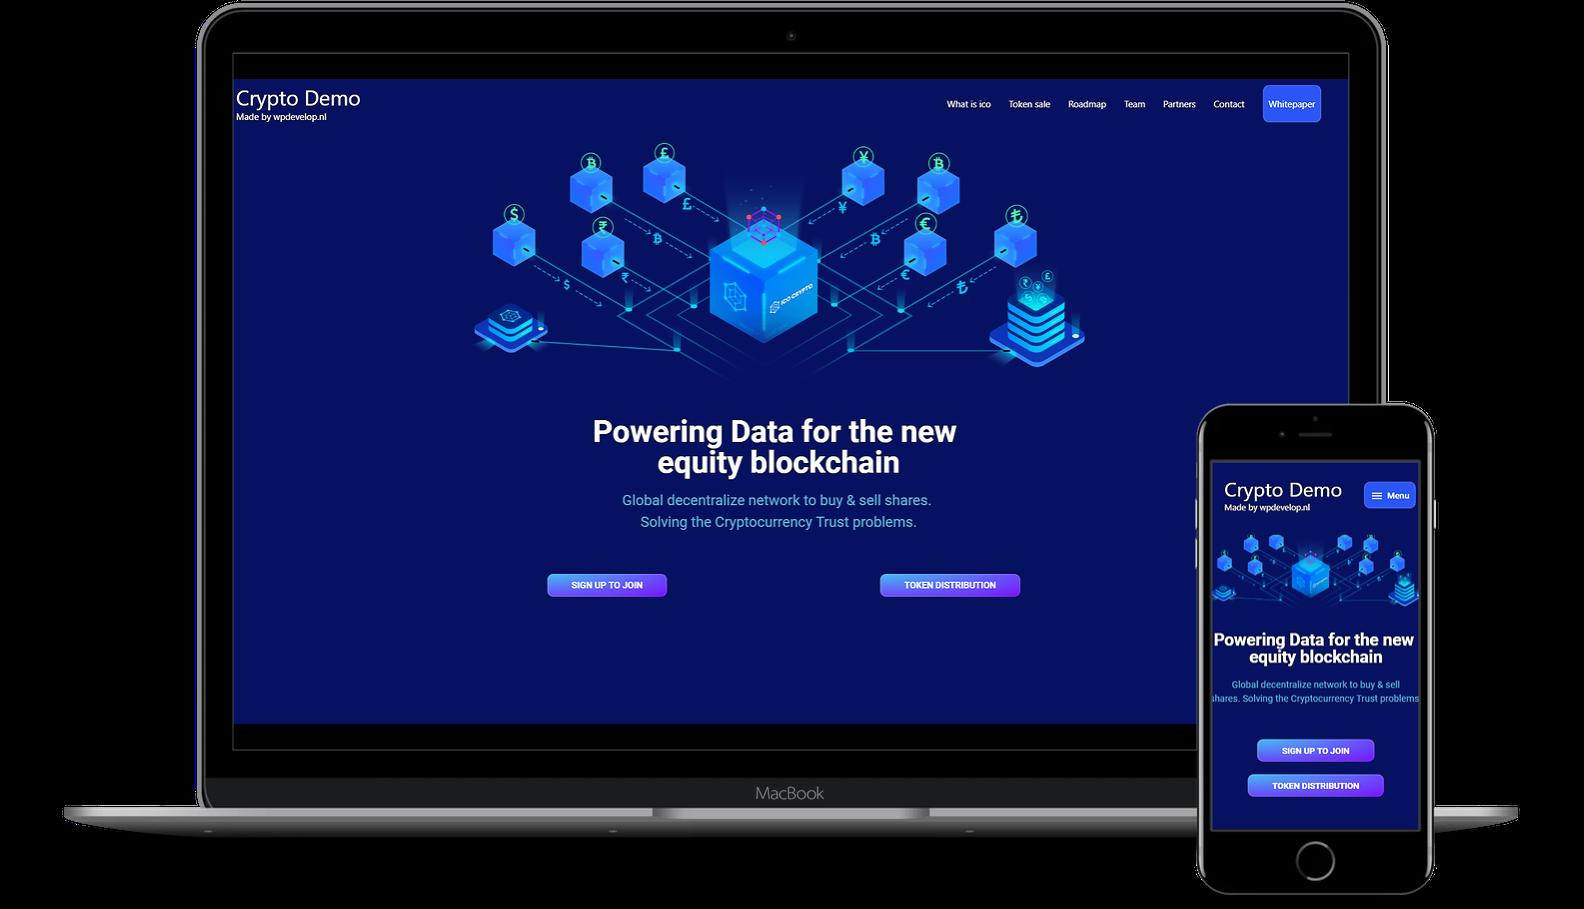 Crypto demo website